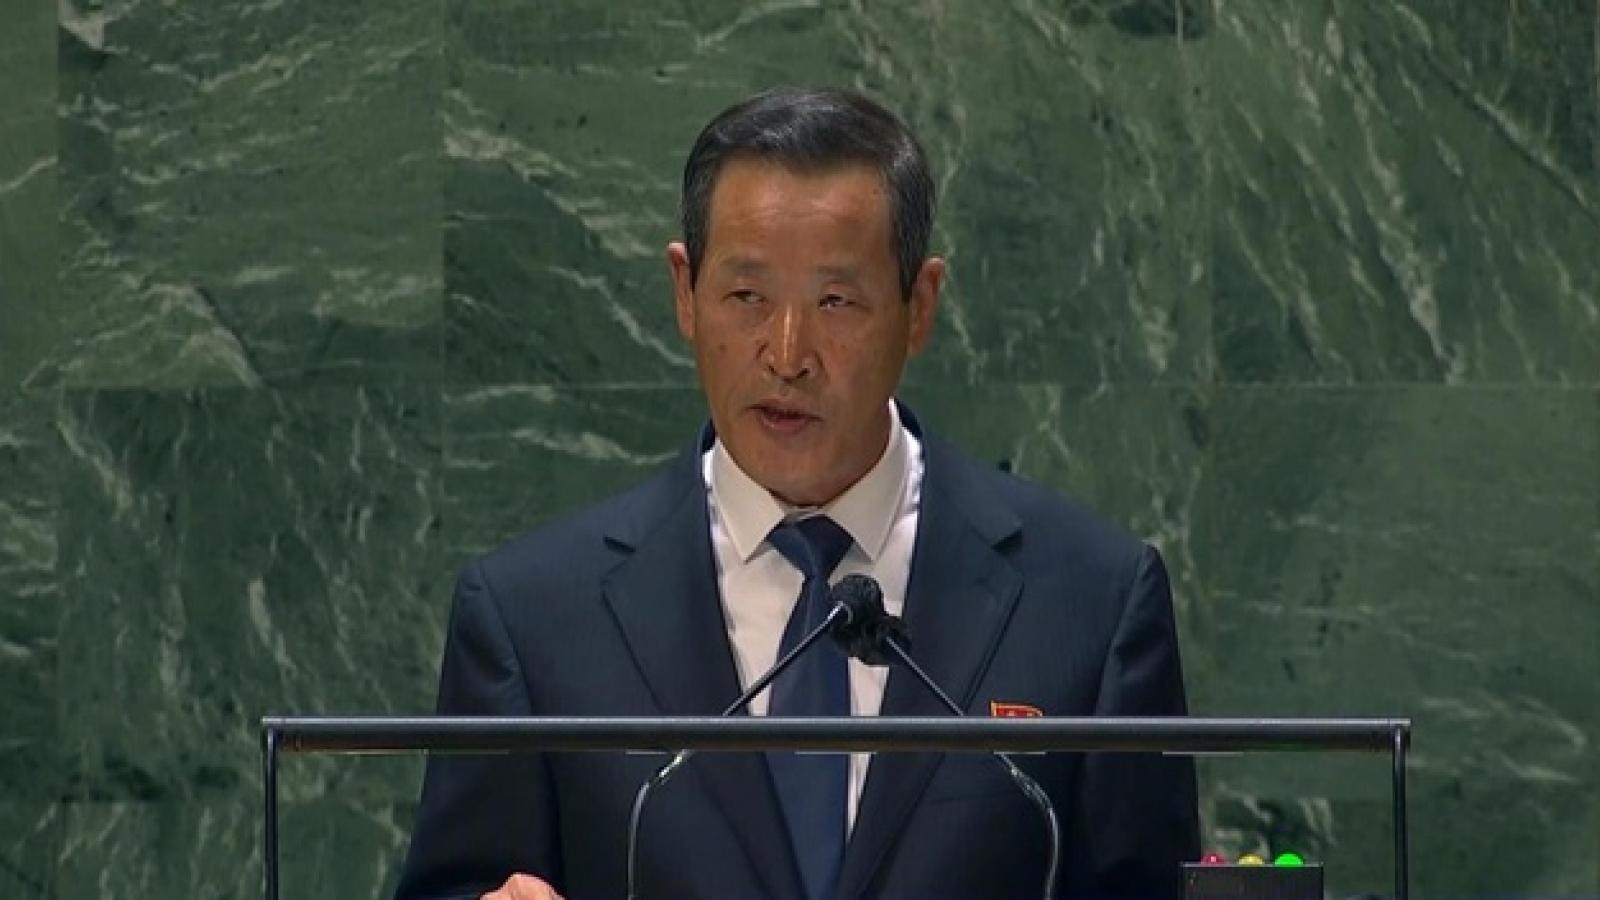 Triều Tiên gửi thông điệp cứng rắn đến Mỹ qua vụ phóng tên lửa?